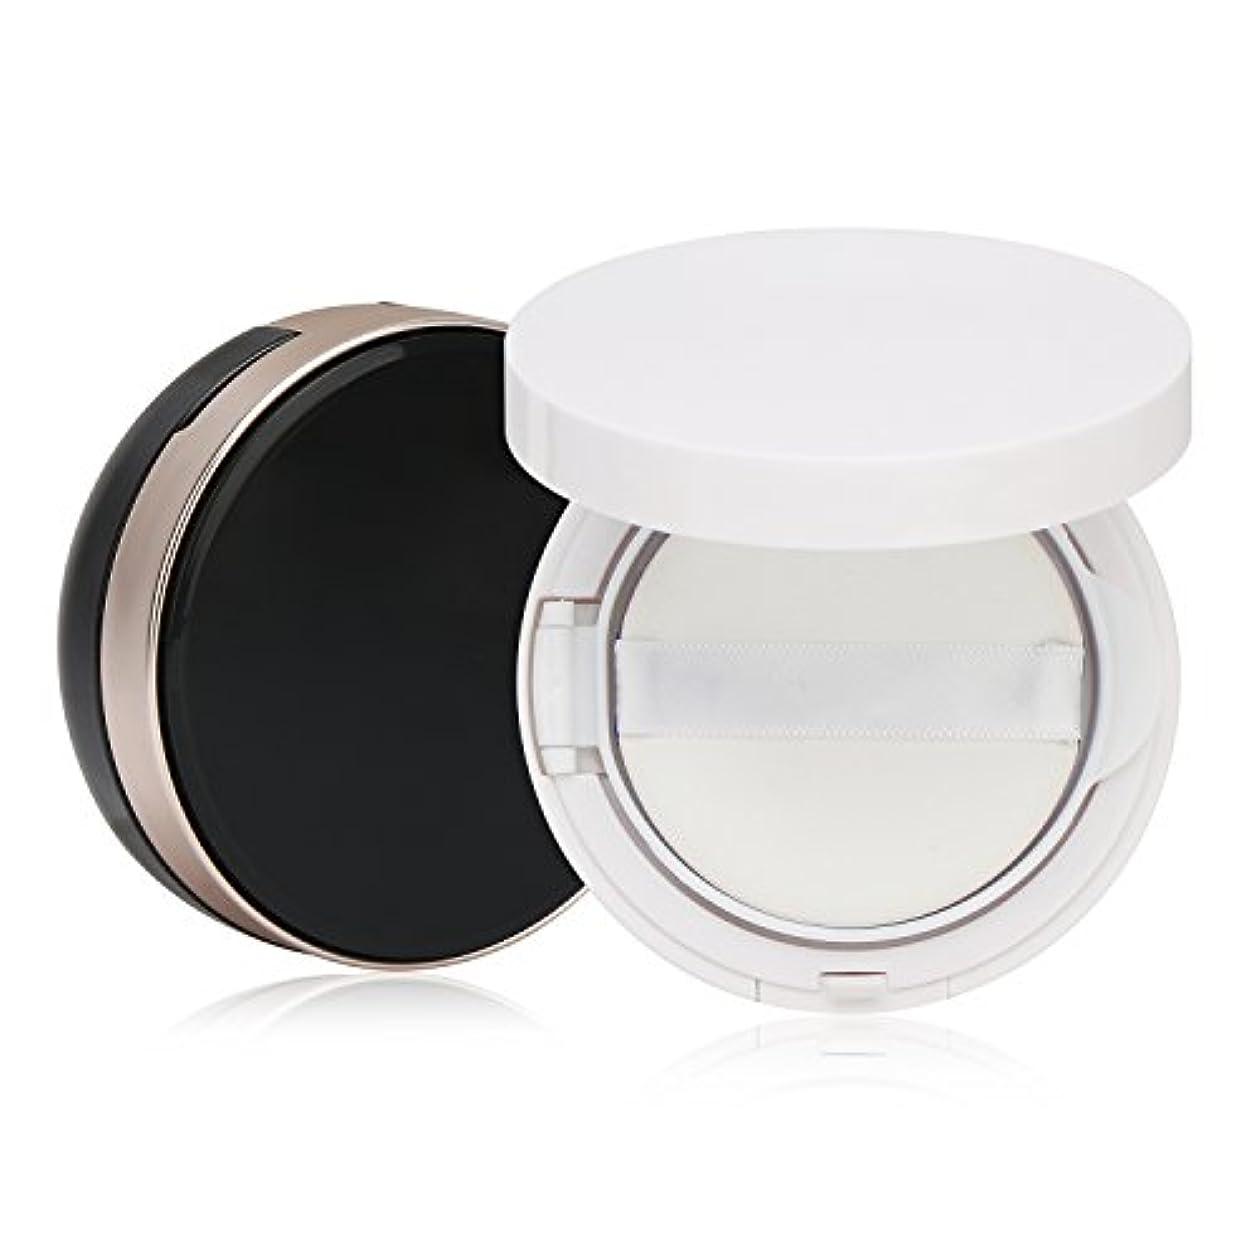 プレゼンター創造馬鹿Segbeauty エアクッションボックス パウダーコンテナ BBクリーム 化粧品 詰替え DIY 黒いと白いのセット